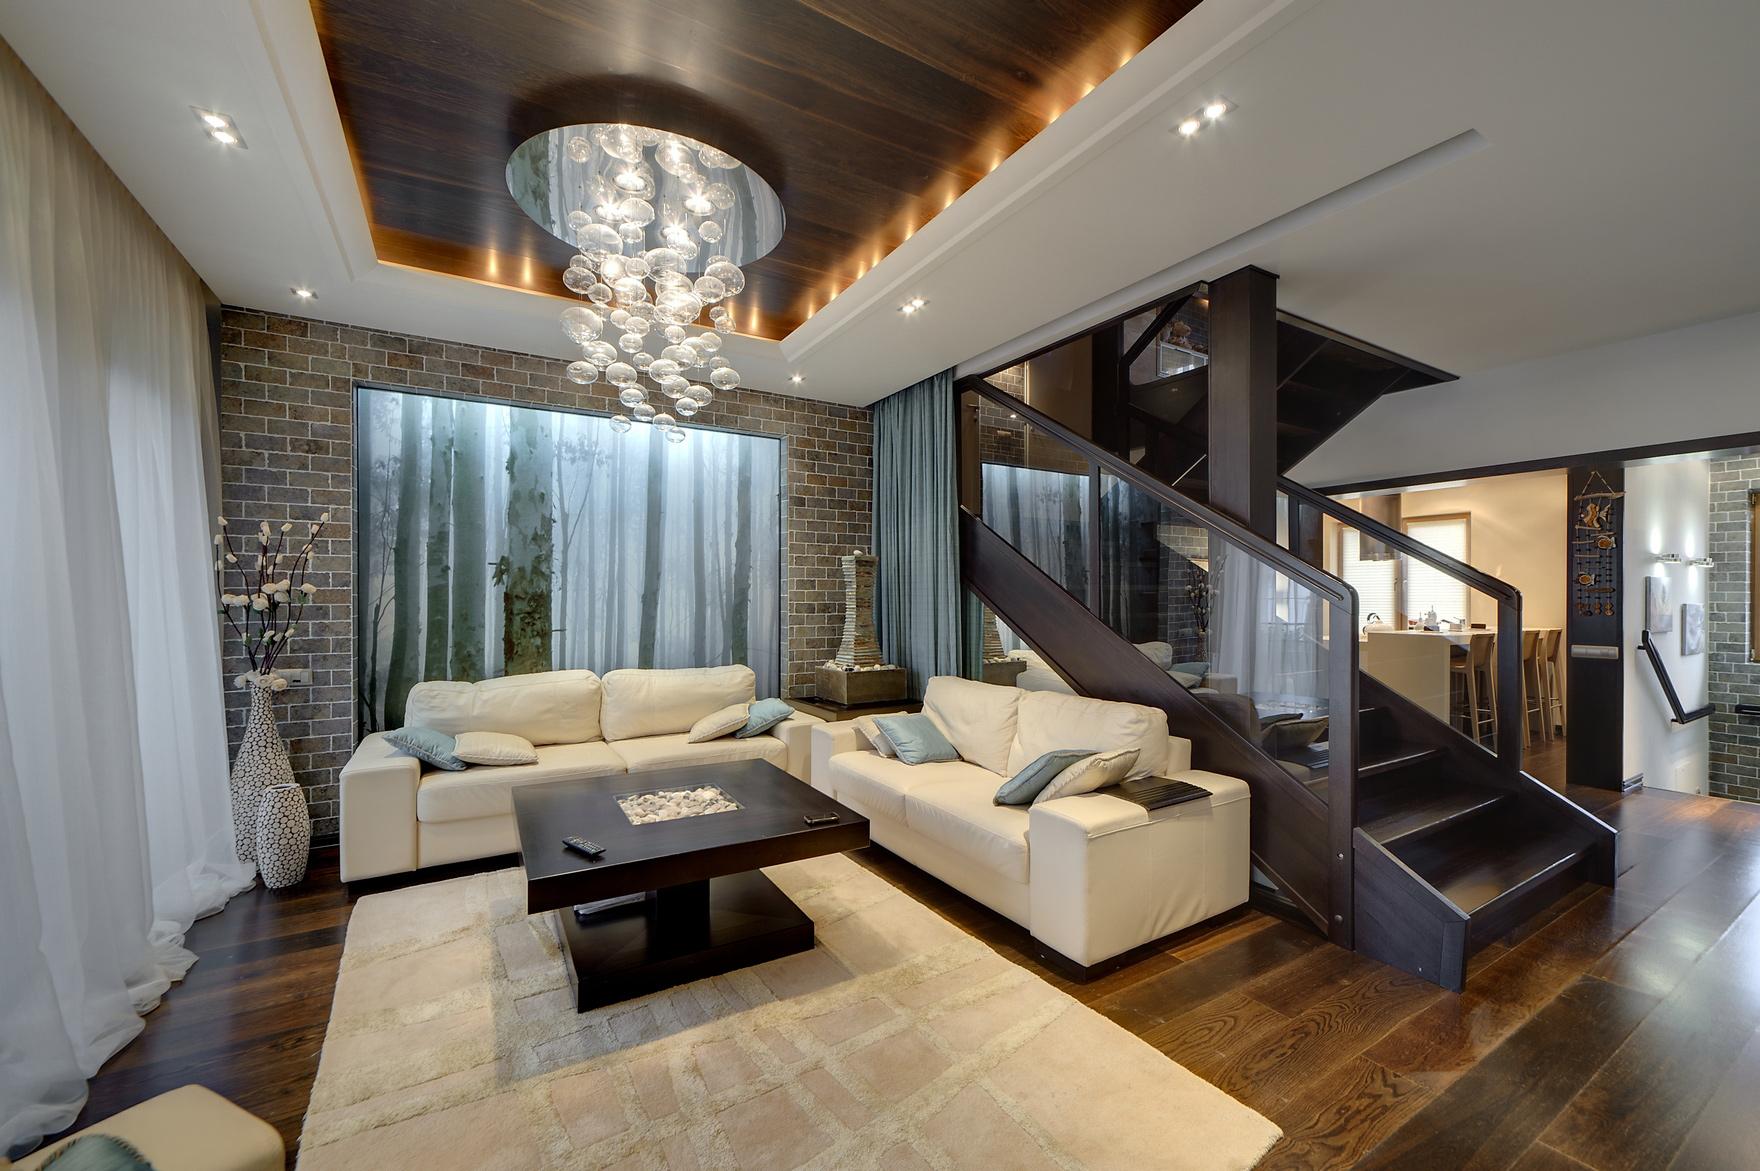 S a decor interior design toronto for Interior design agency toronto